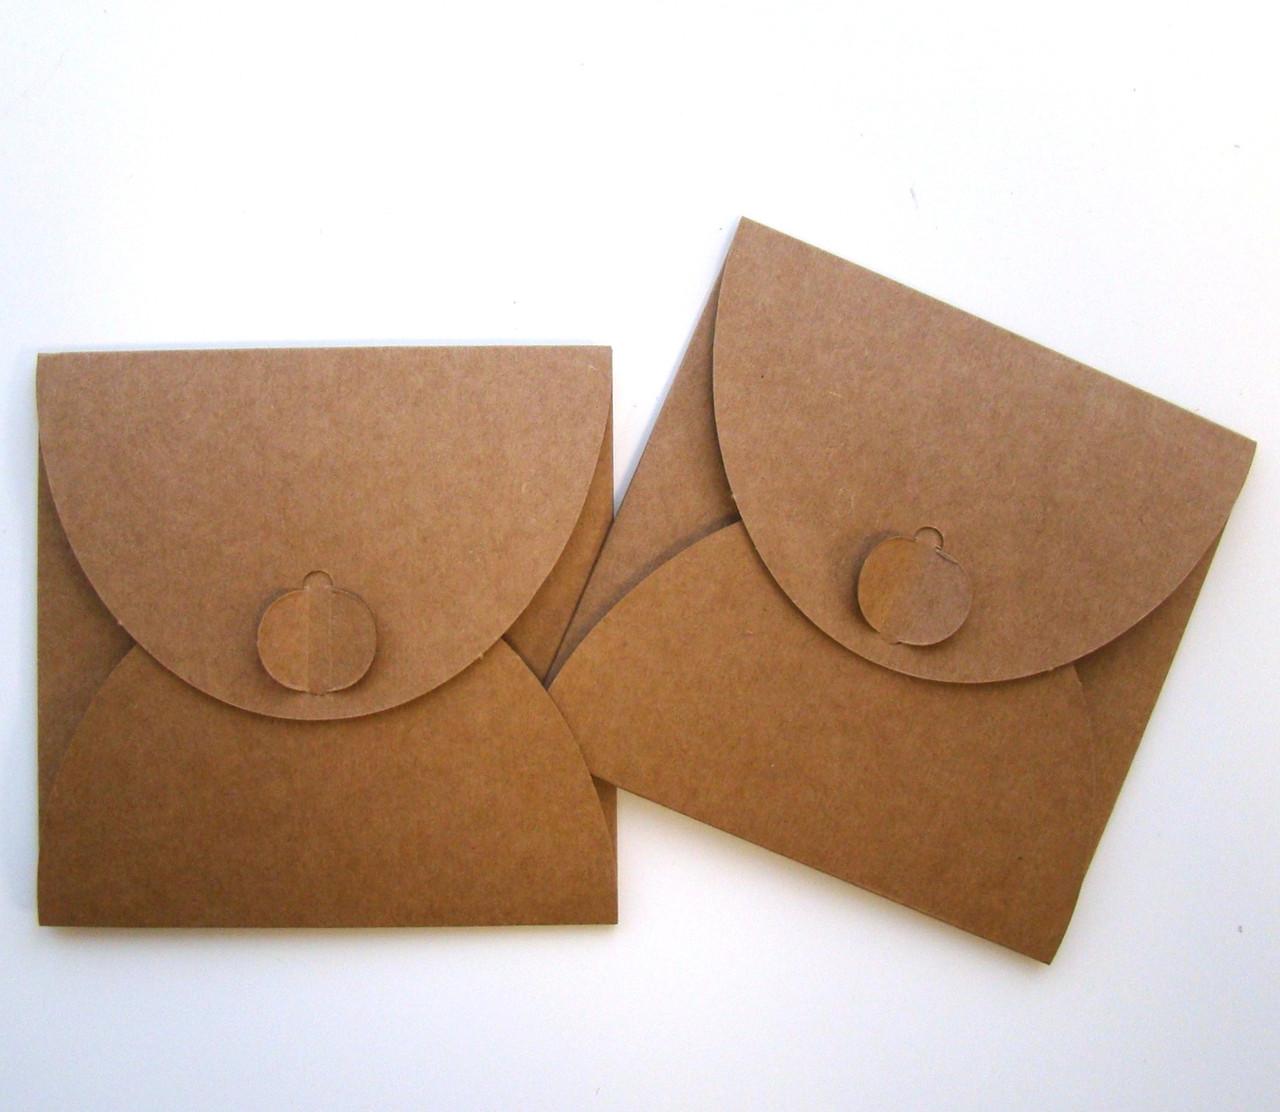 Подарочный конверт из эко крафт-картона 100 х 100 мм + ПОДАРОК (на 200 шт конвертов)